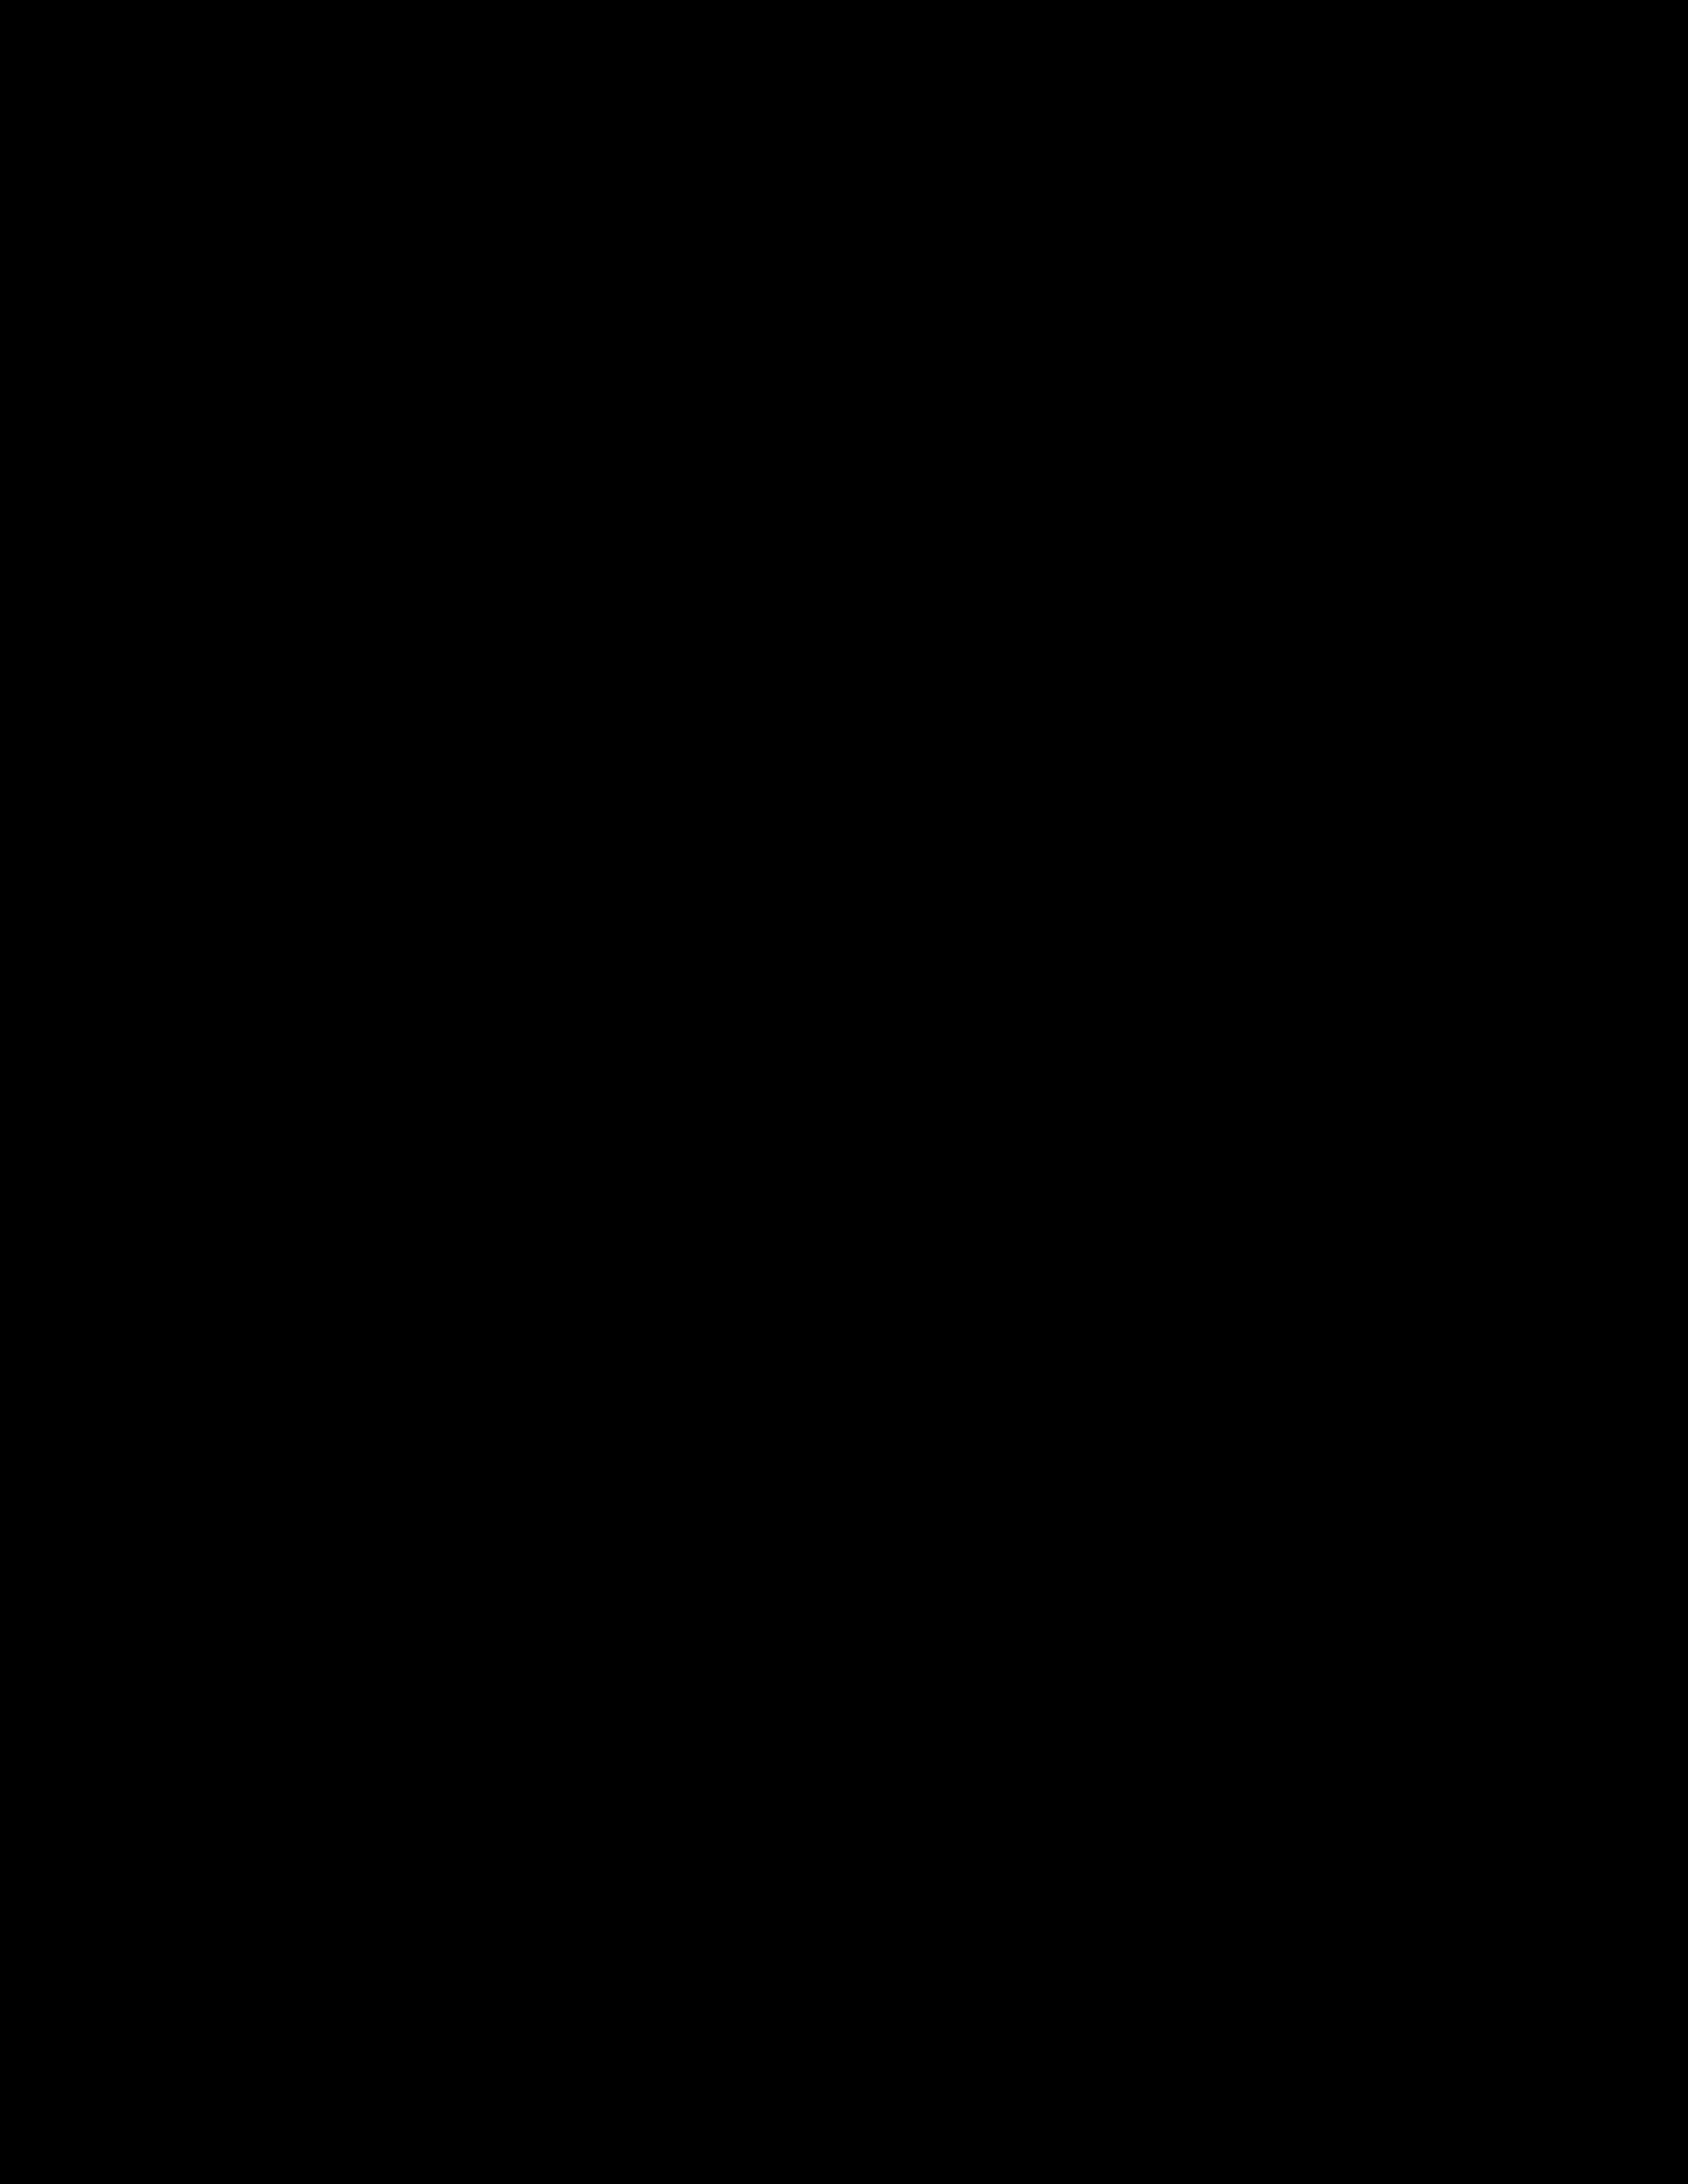 Herbals Lab Bulk 000, 70ct, 35ct